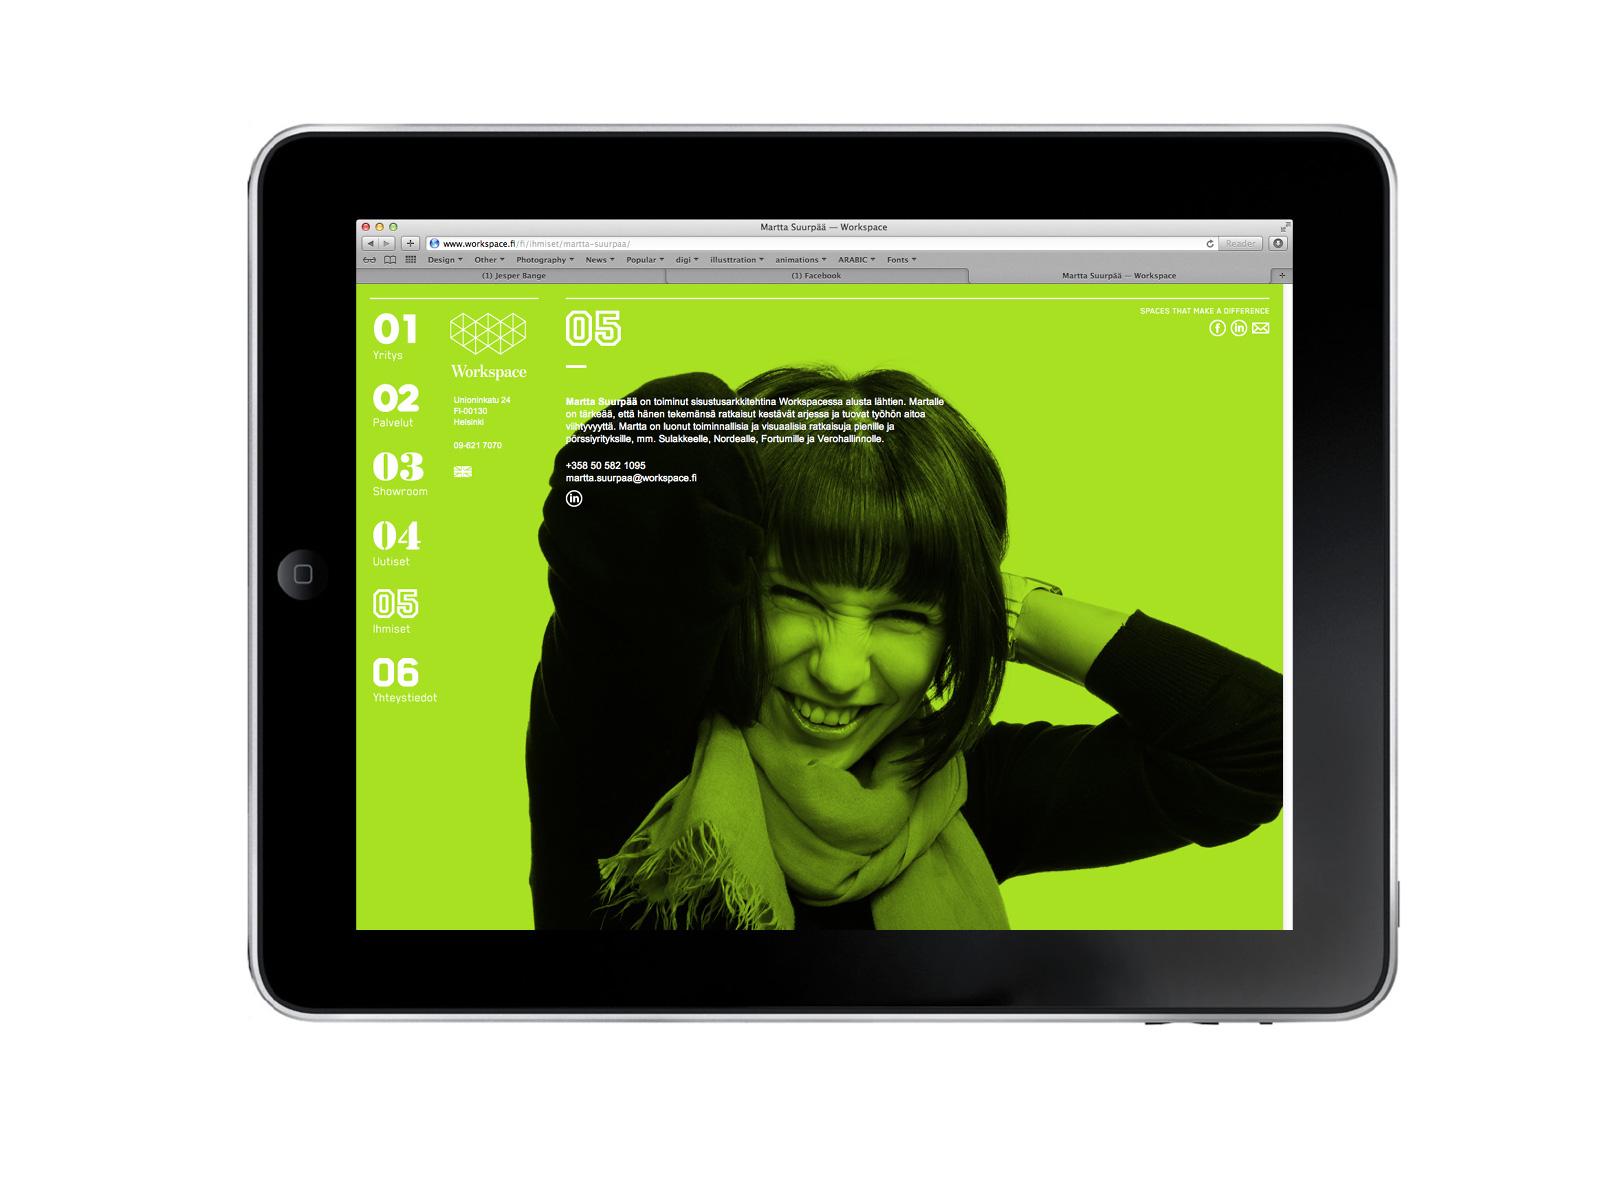 design graphique, graphic design, design, identité visuelle, identity, logo, print, charte graphique, site web, webdesign, web design, typographie, typography